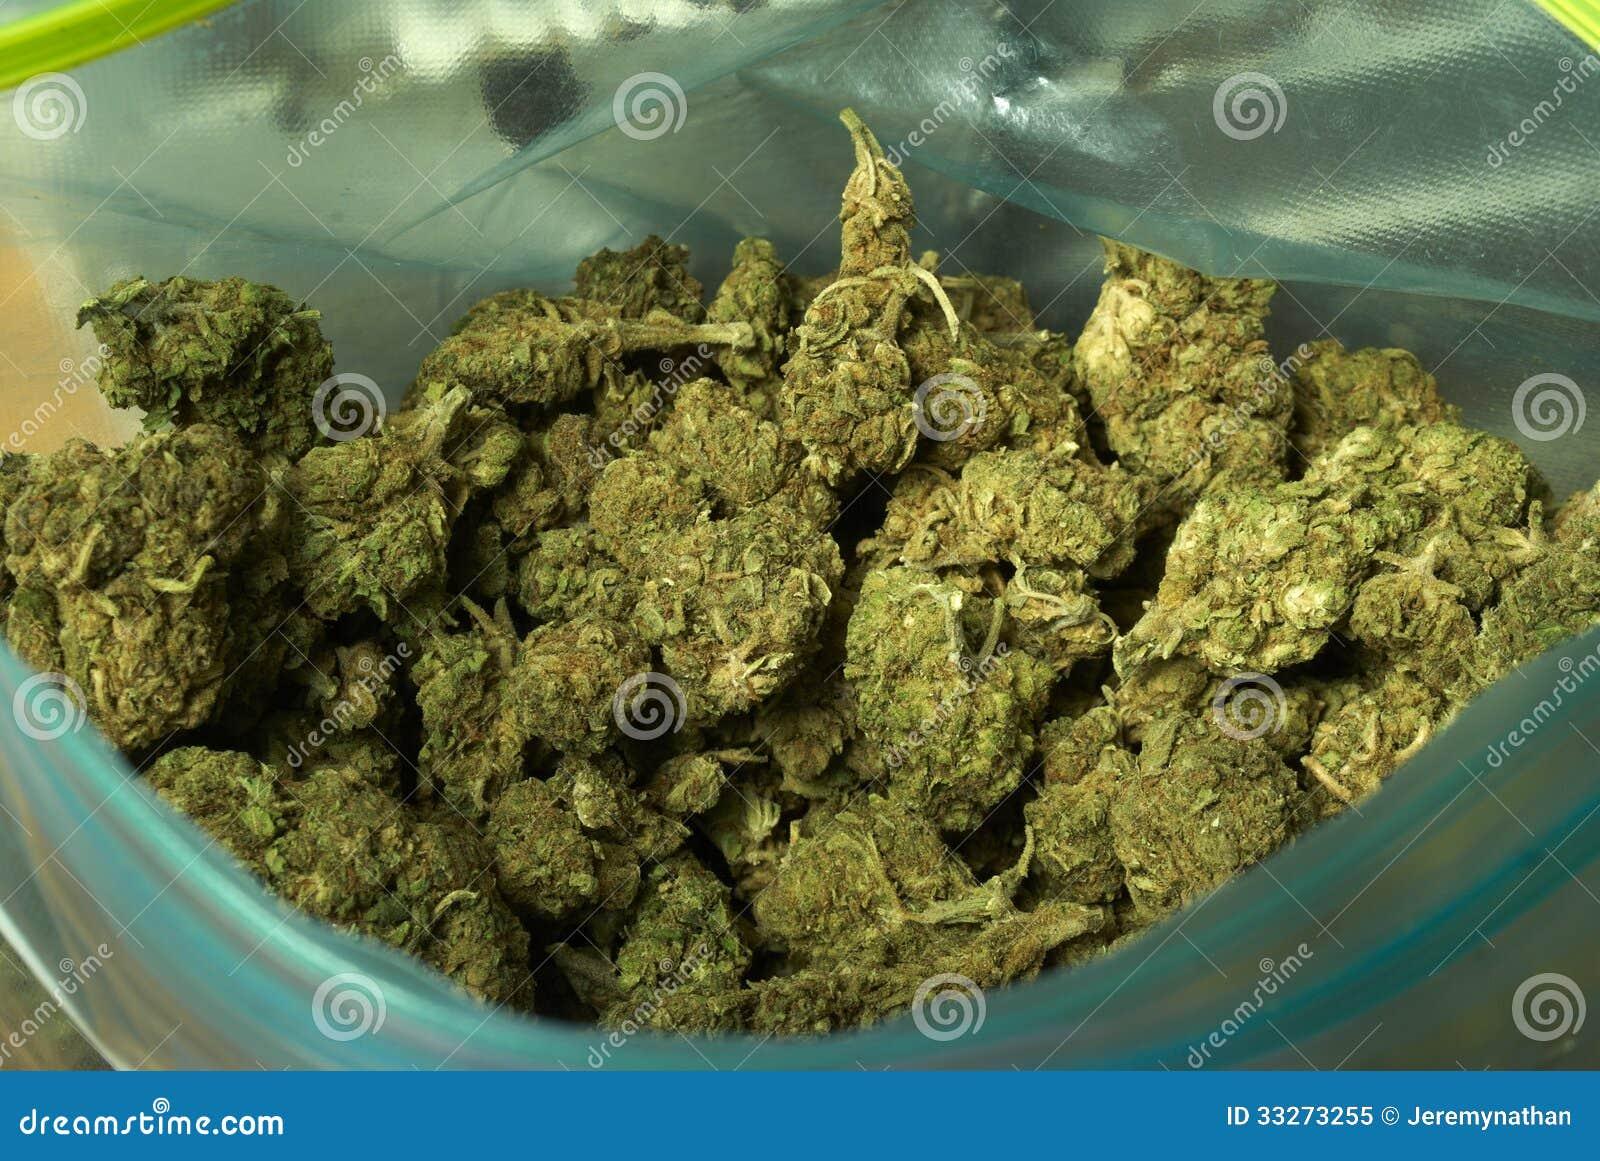 Marijuana Stocks Report – ETST New Wholly-Owned Subsidiary